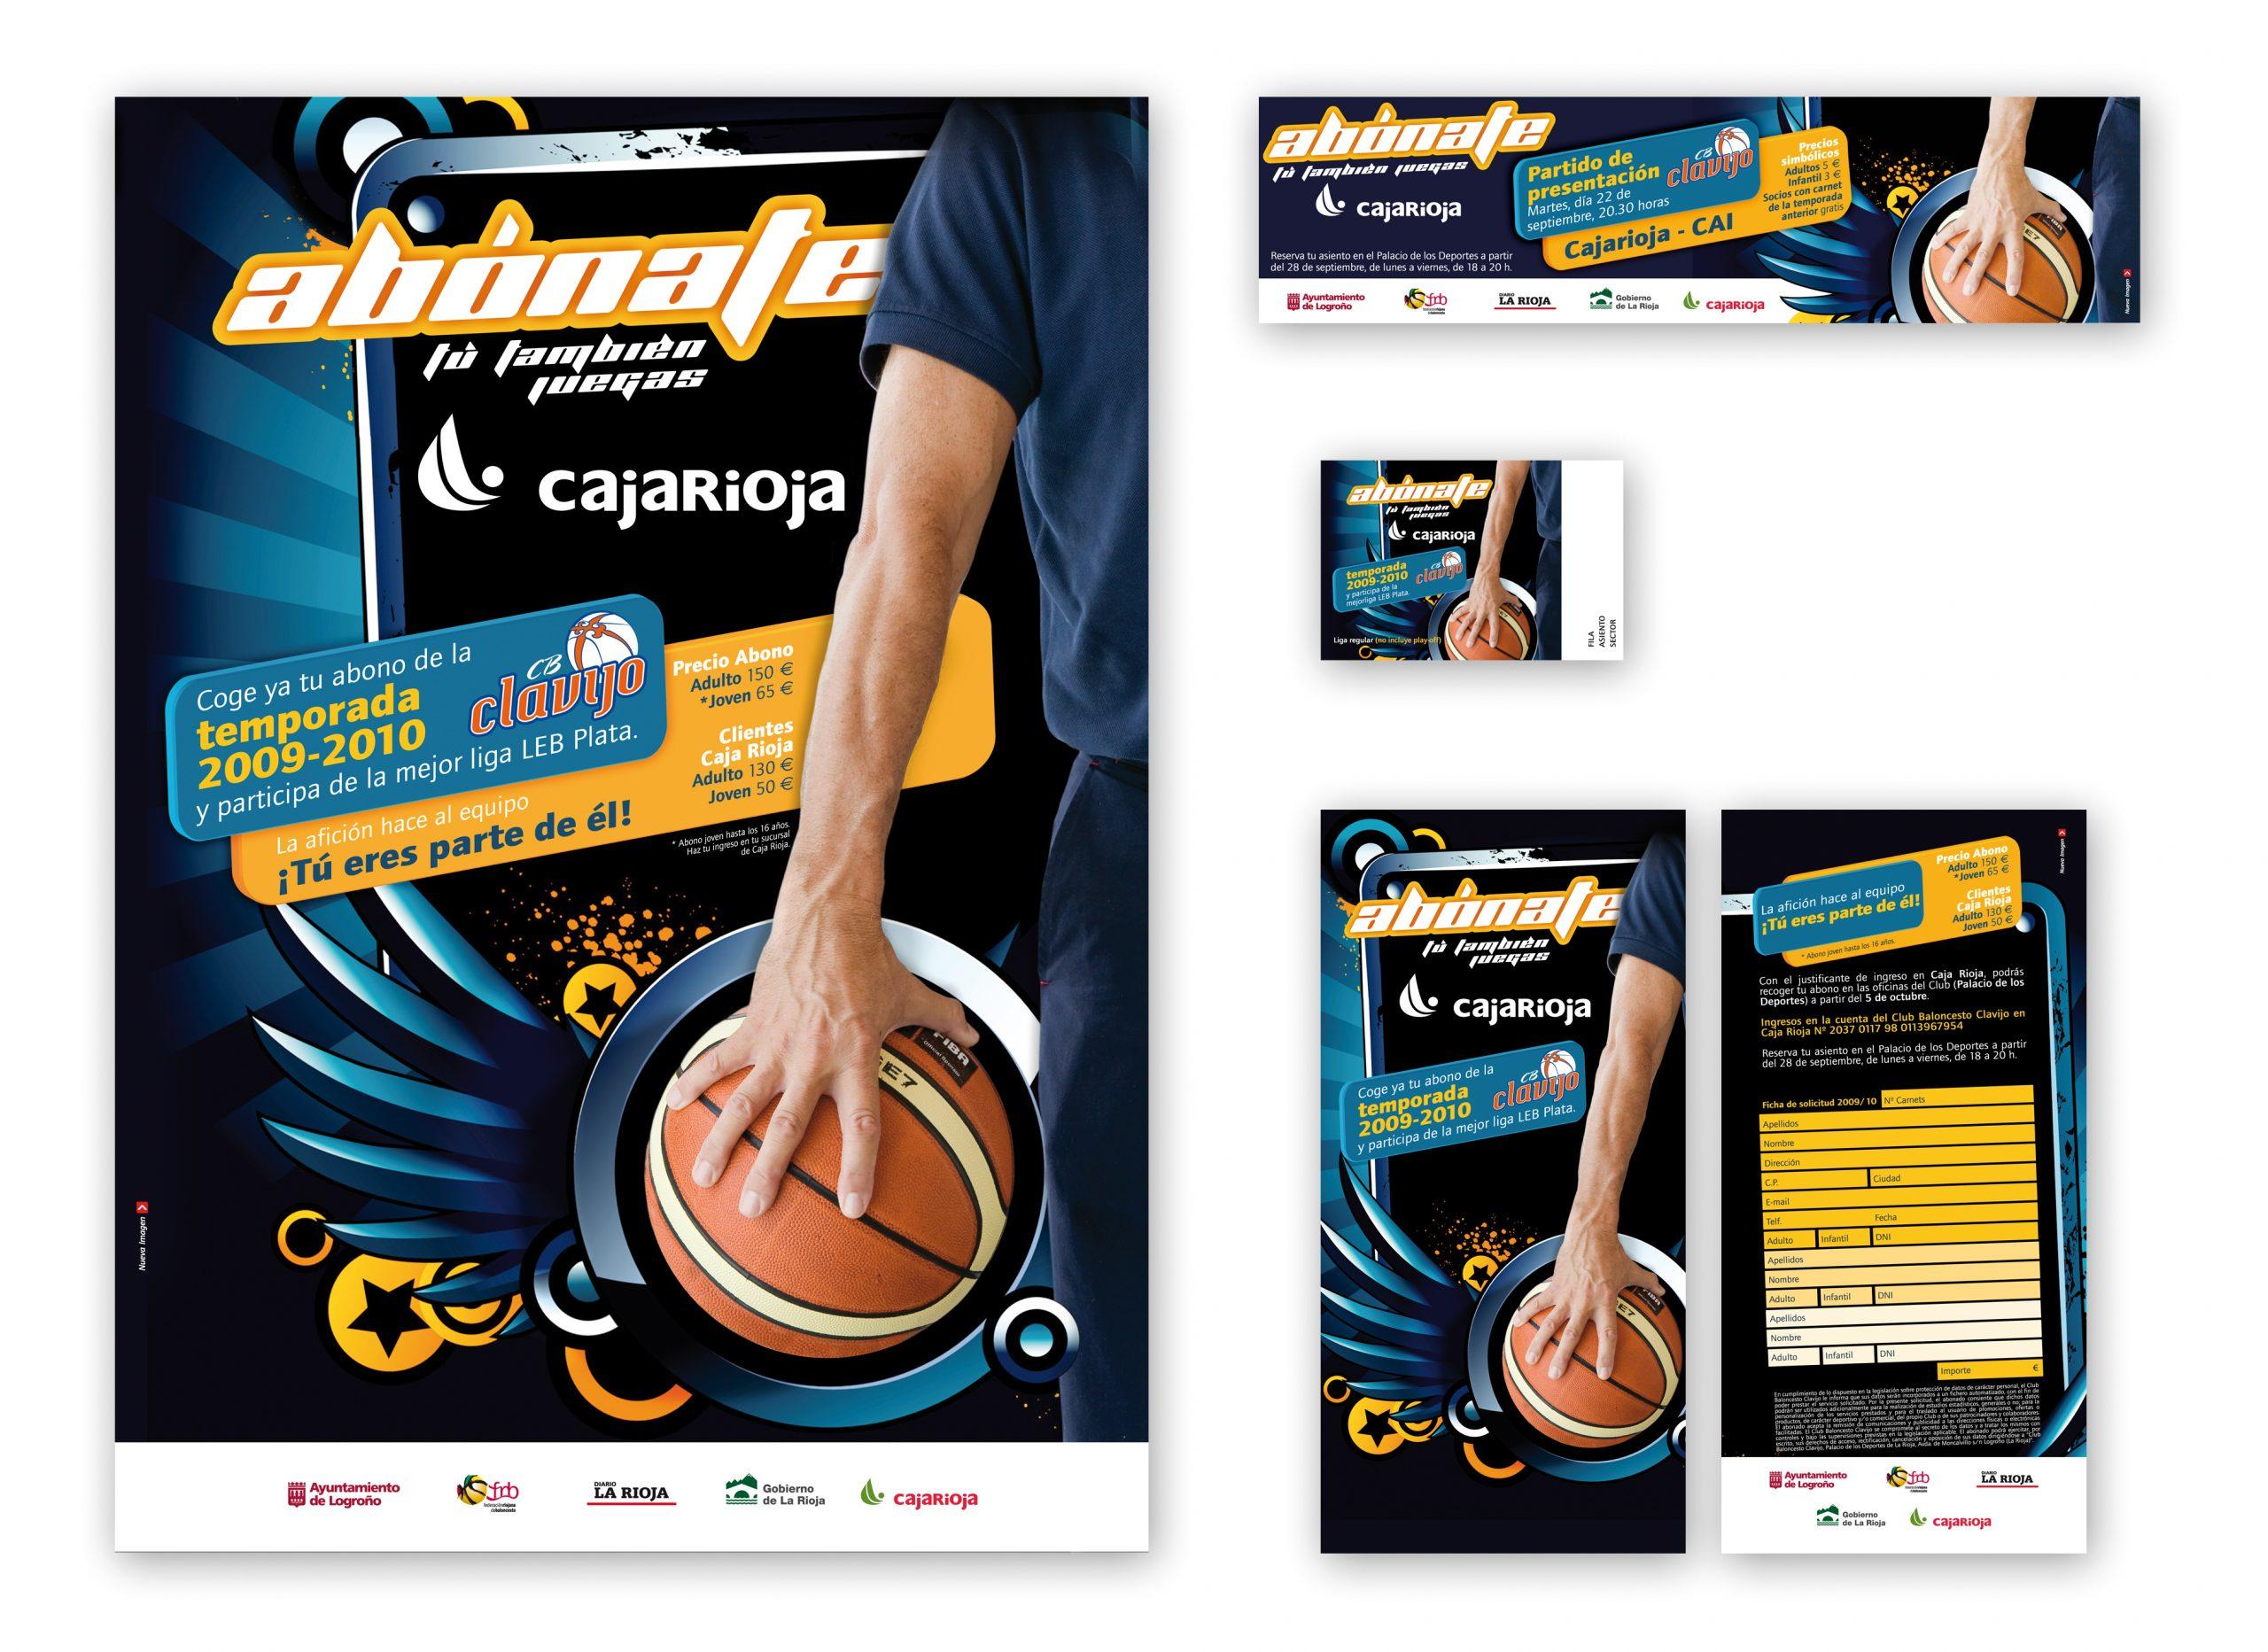 Campaña promocional para el Club Baloncesto Clavijo. Temporada 2009-2010